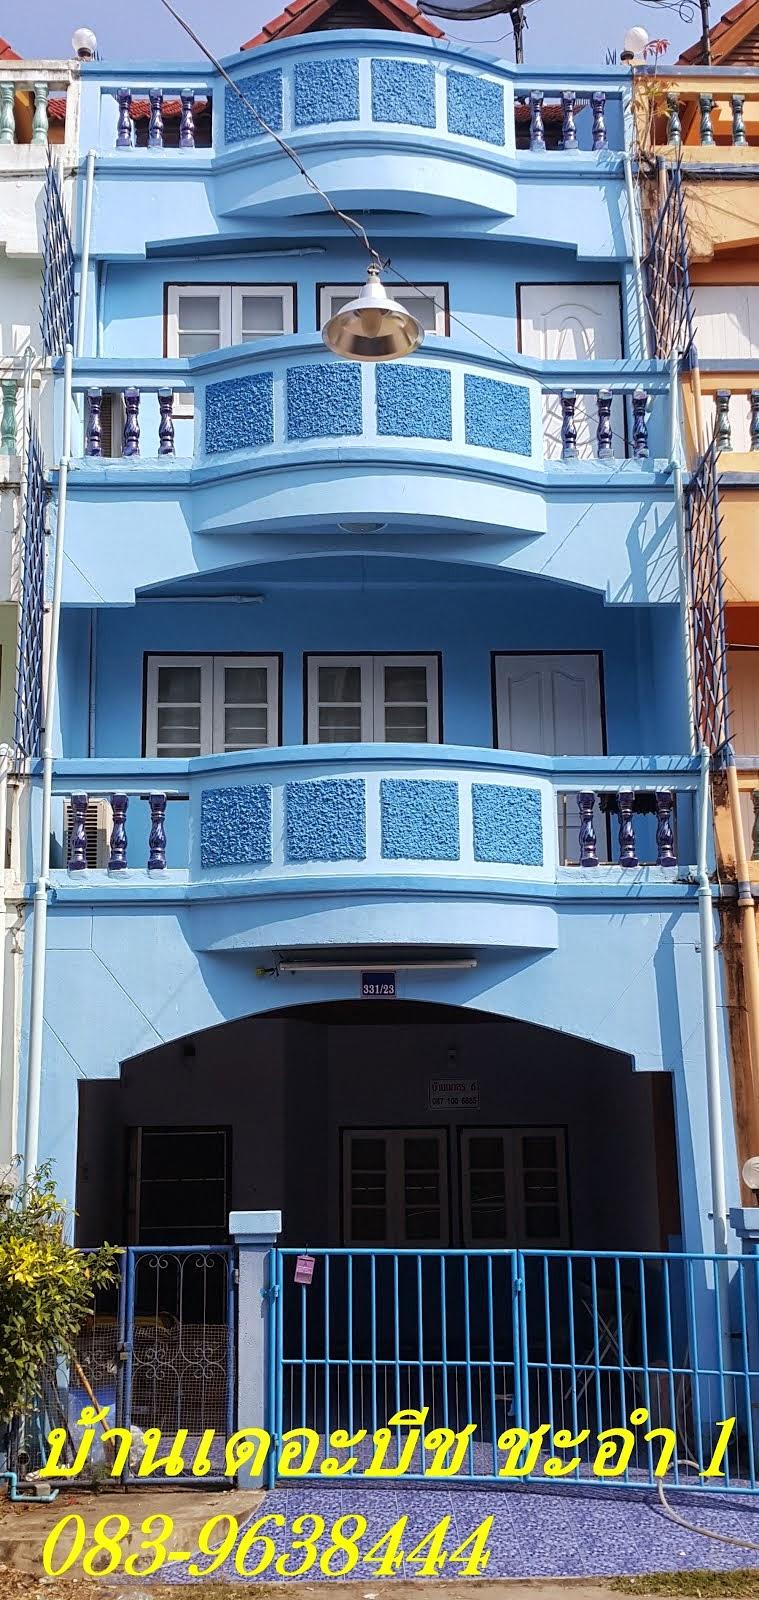 บ้านพักเดอะบีช ชะอำ ติดทะเล 15-25 ท่าน 5,000 บาท